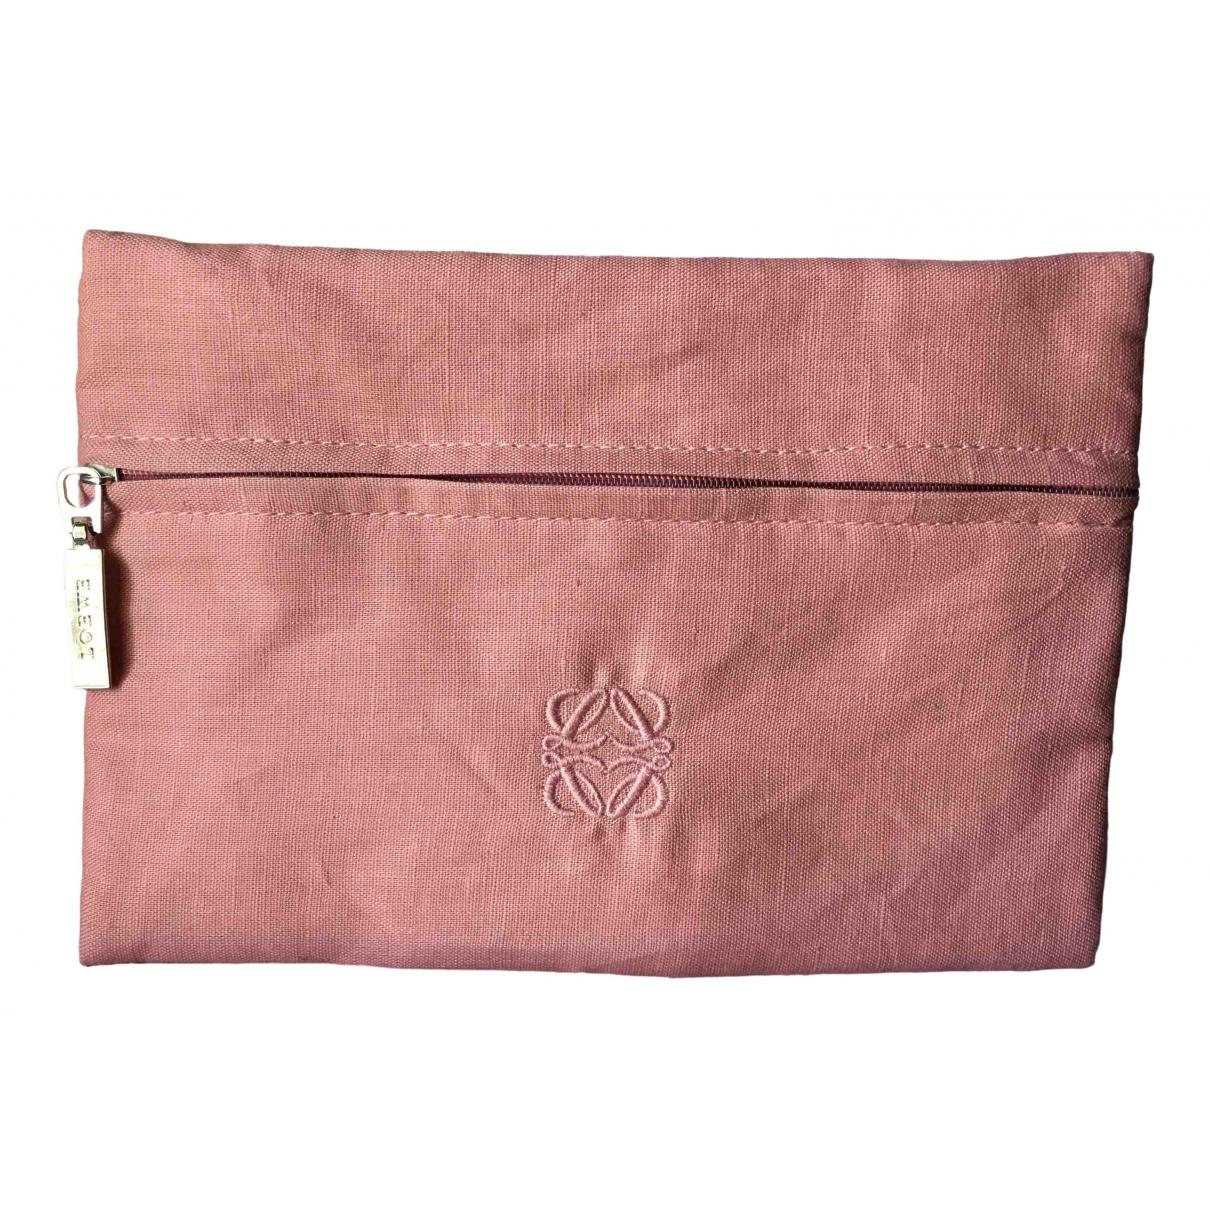 Loewe - Sac de voyage   pour femme en toile - rose